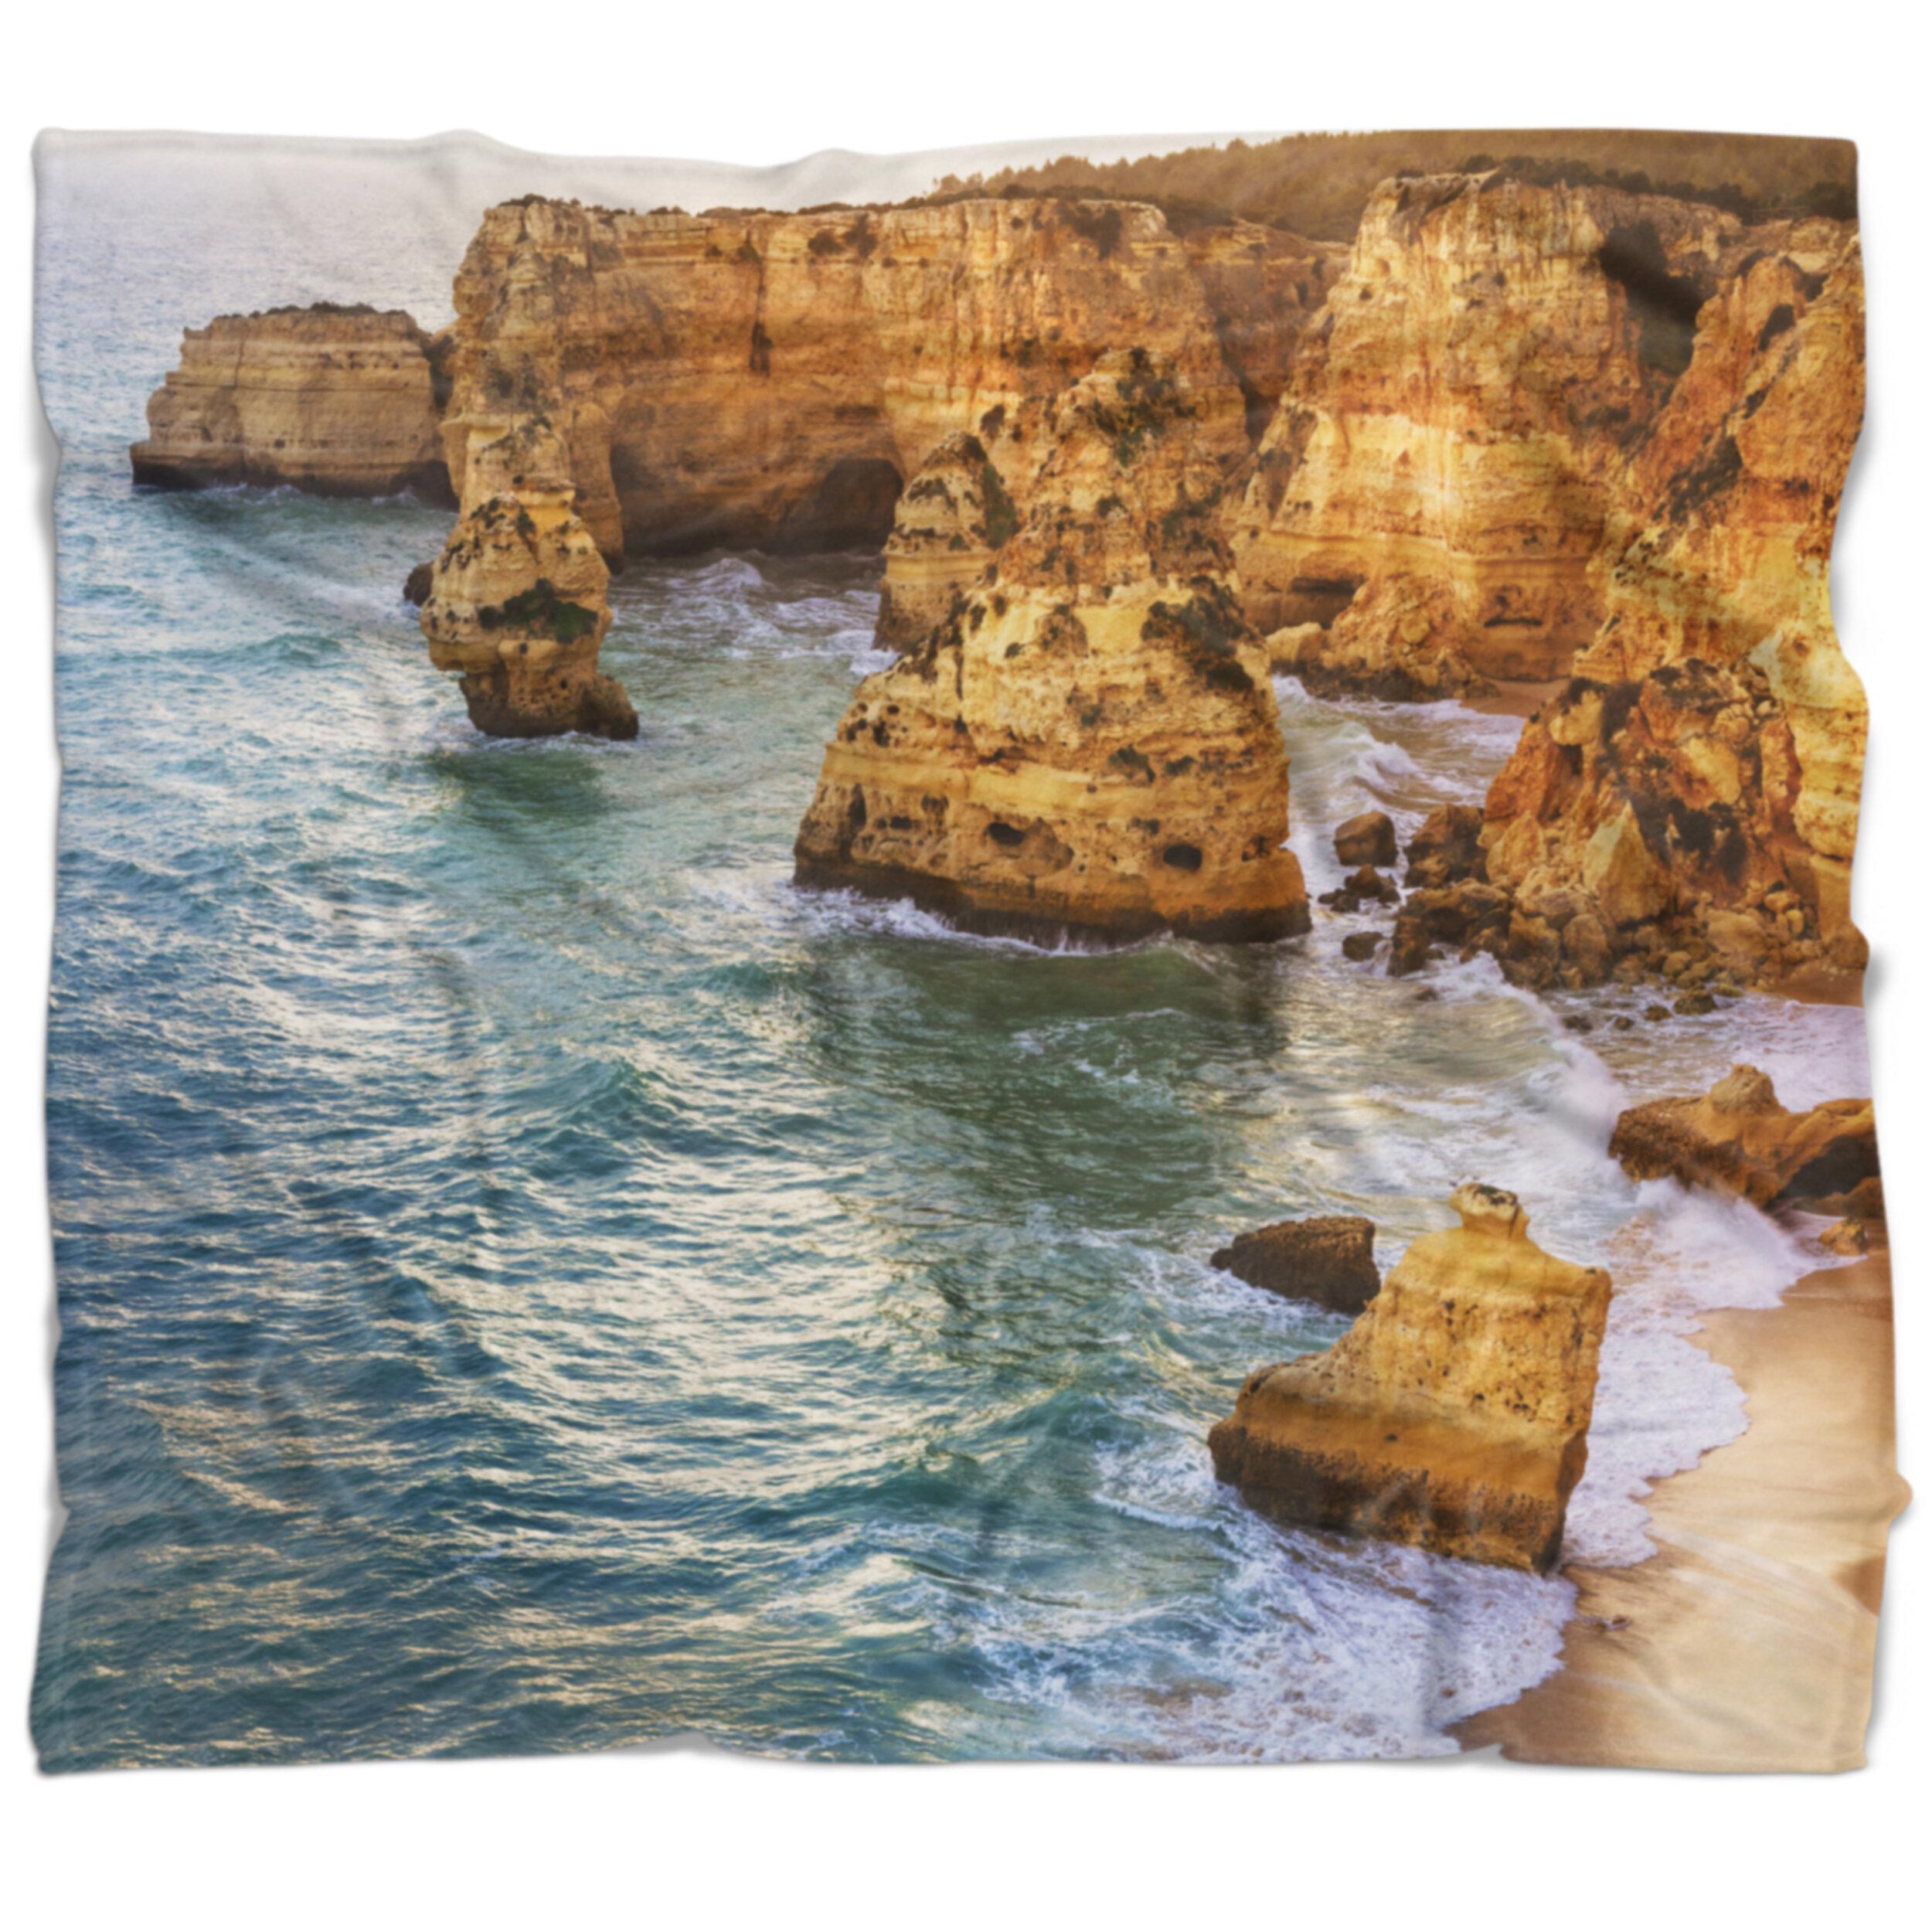 East Urban Home Seashore Rocks And Beach At Algarve Blanket Wayfair